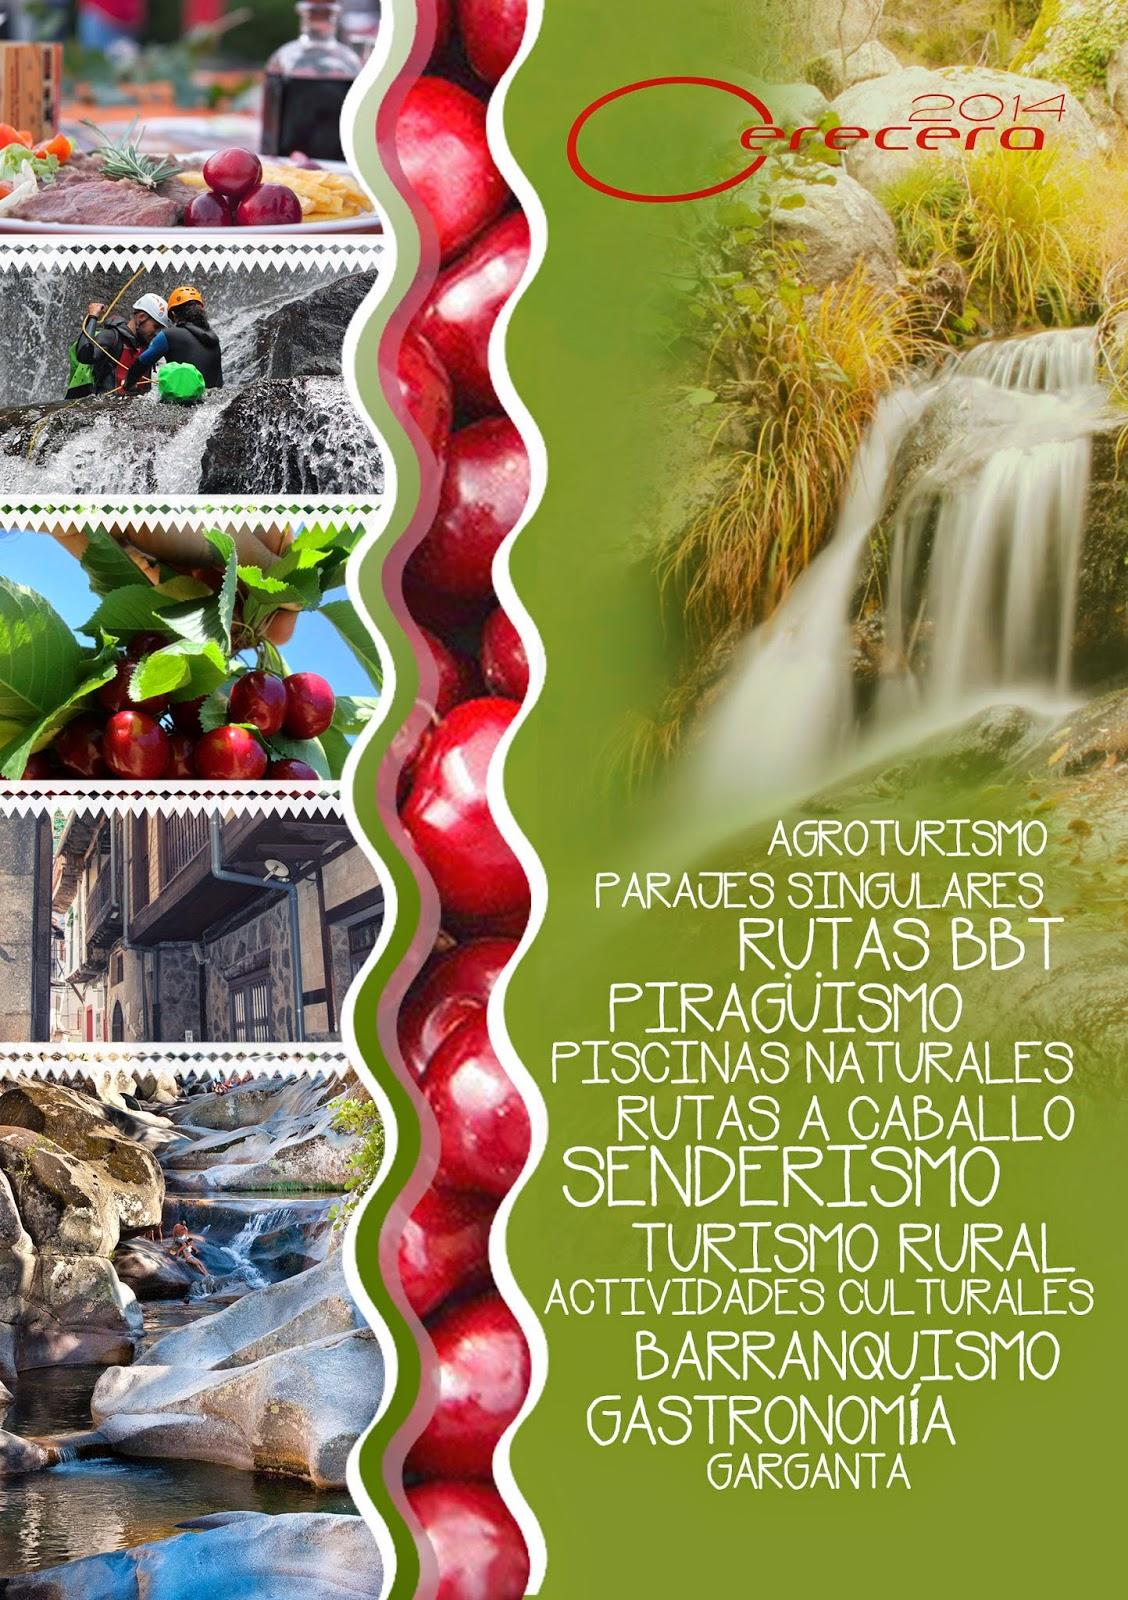 Cerecera 2014 en el Valle del Jerte